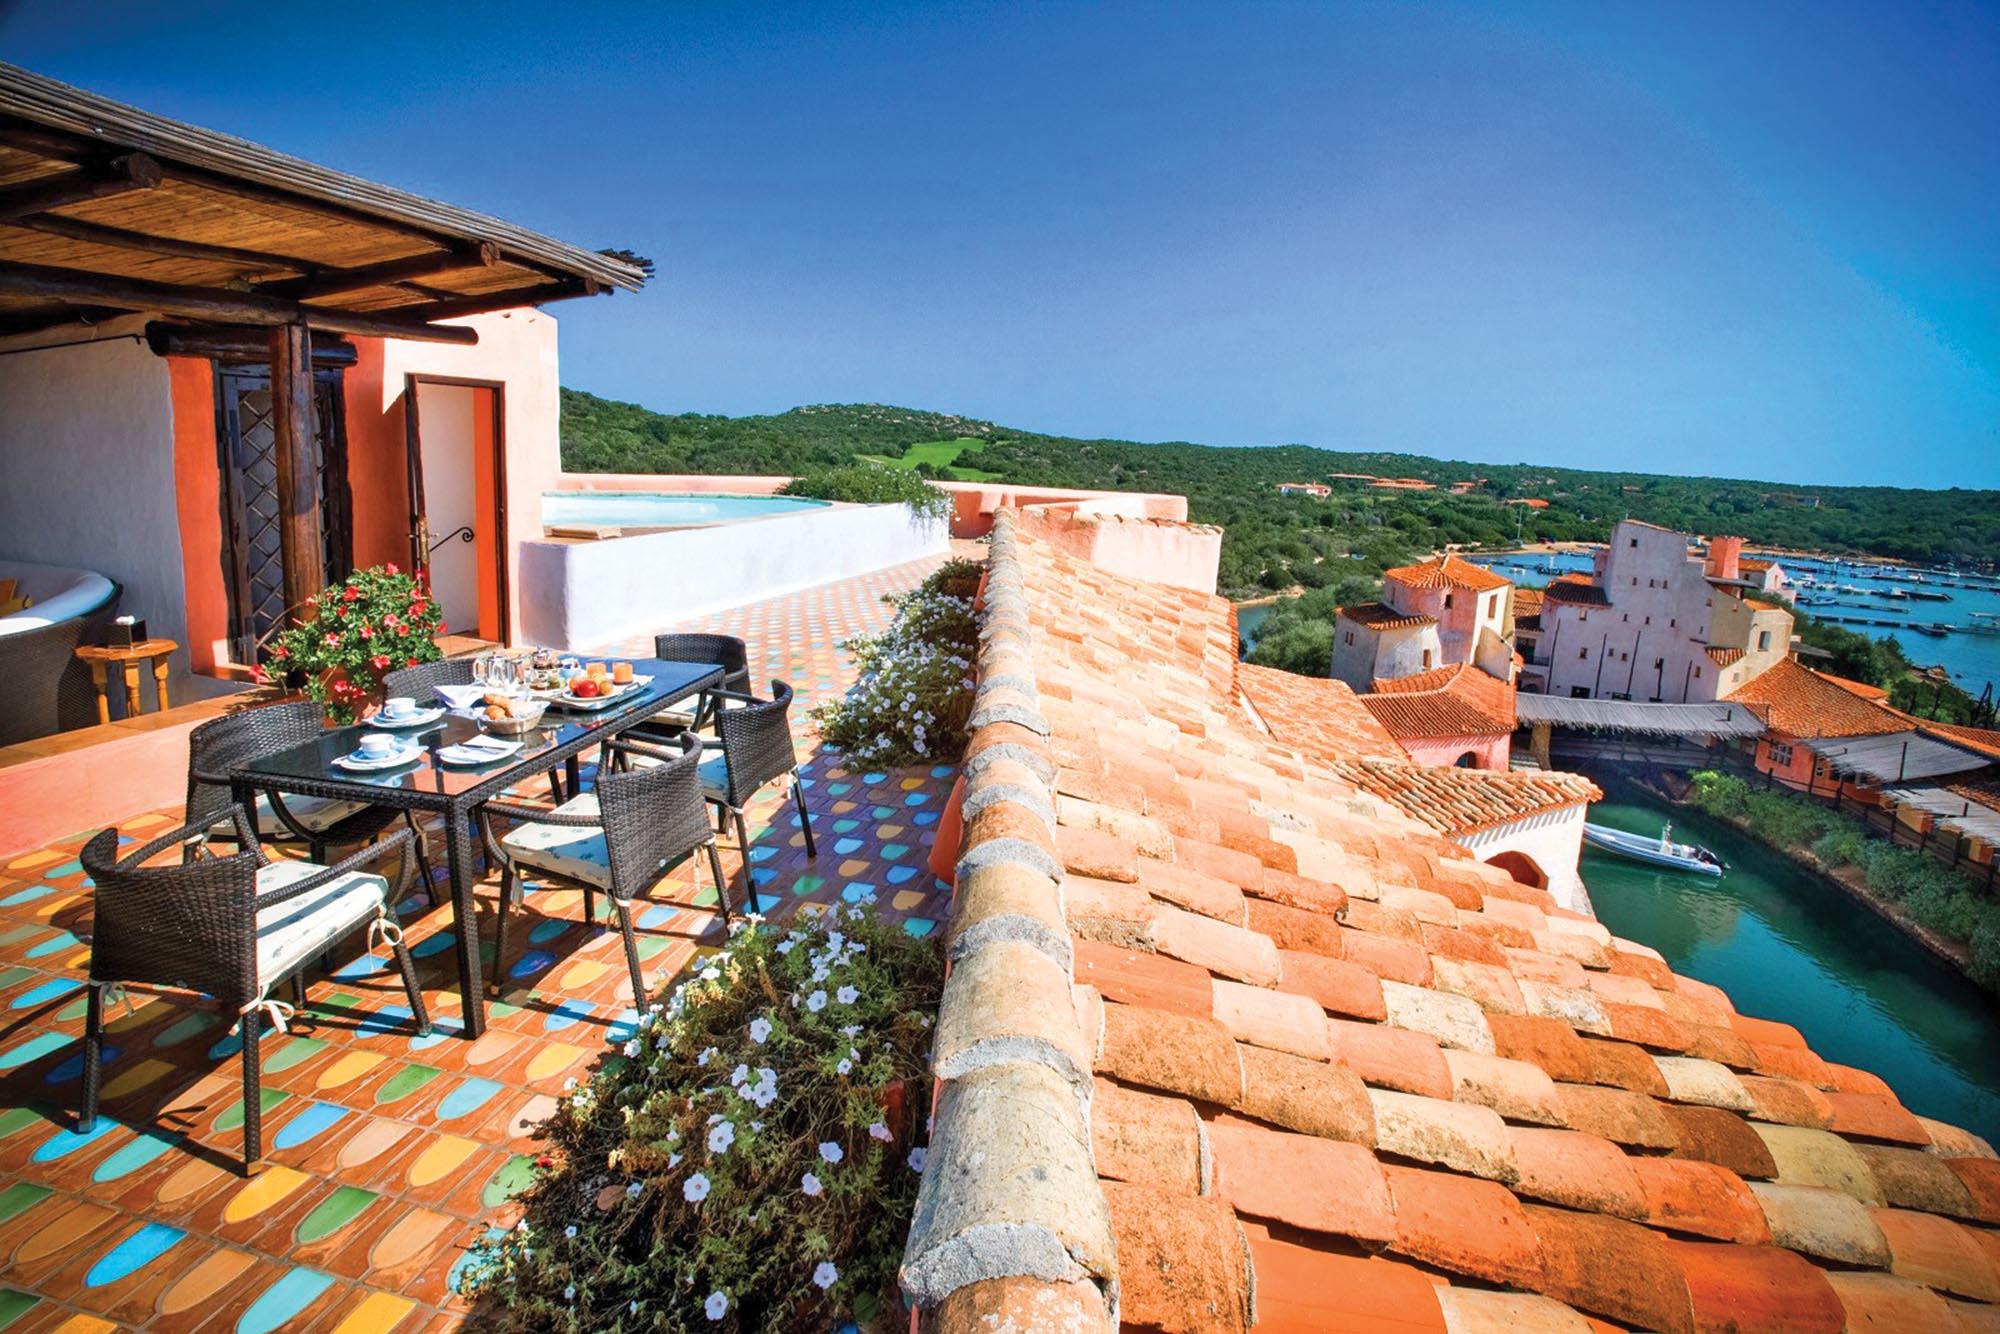 Президентський сьют у готелі Cala di Volpe (три спальні, солярій, басейн і фітнес-зал) коштує  26 тисяч євро за ніч